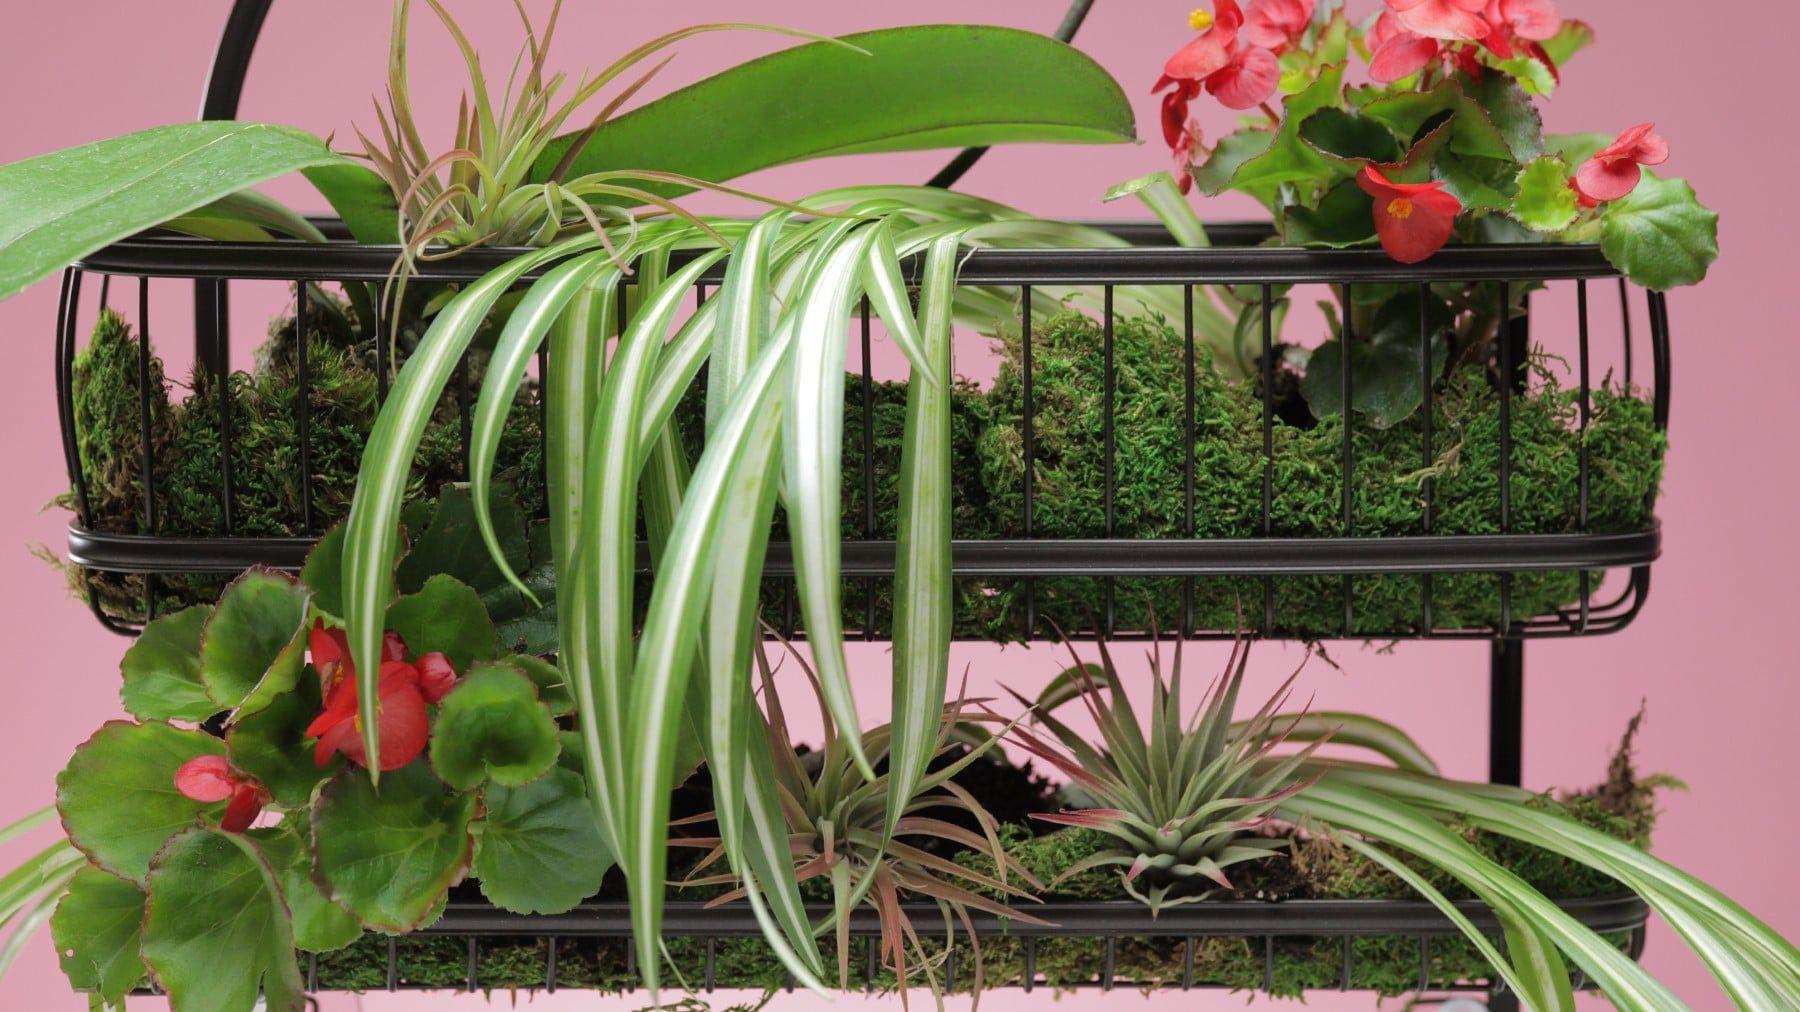 Wachsen Sie Pflanzen in Ihrer Dusche für ein Spa-ähnliches Erlebnis jeden Tag!#dusche #ein #erlebnis #für #ihrer #jeden #pflanzen #sie #spaähnliches #tag #wachsen